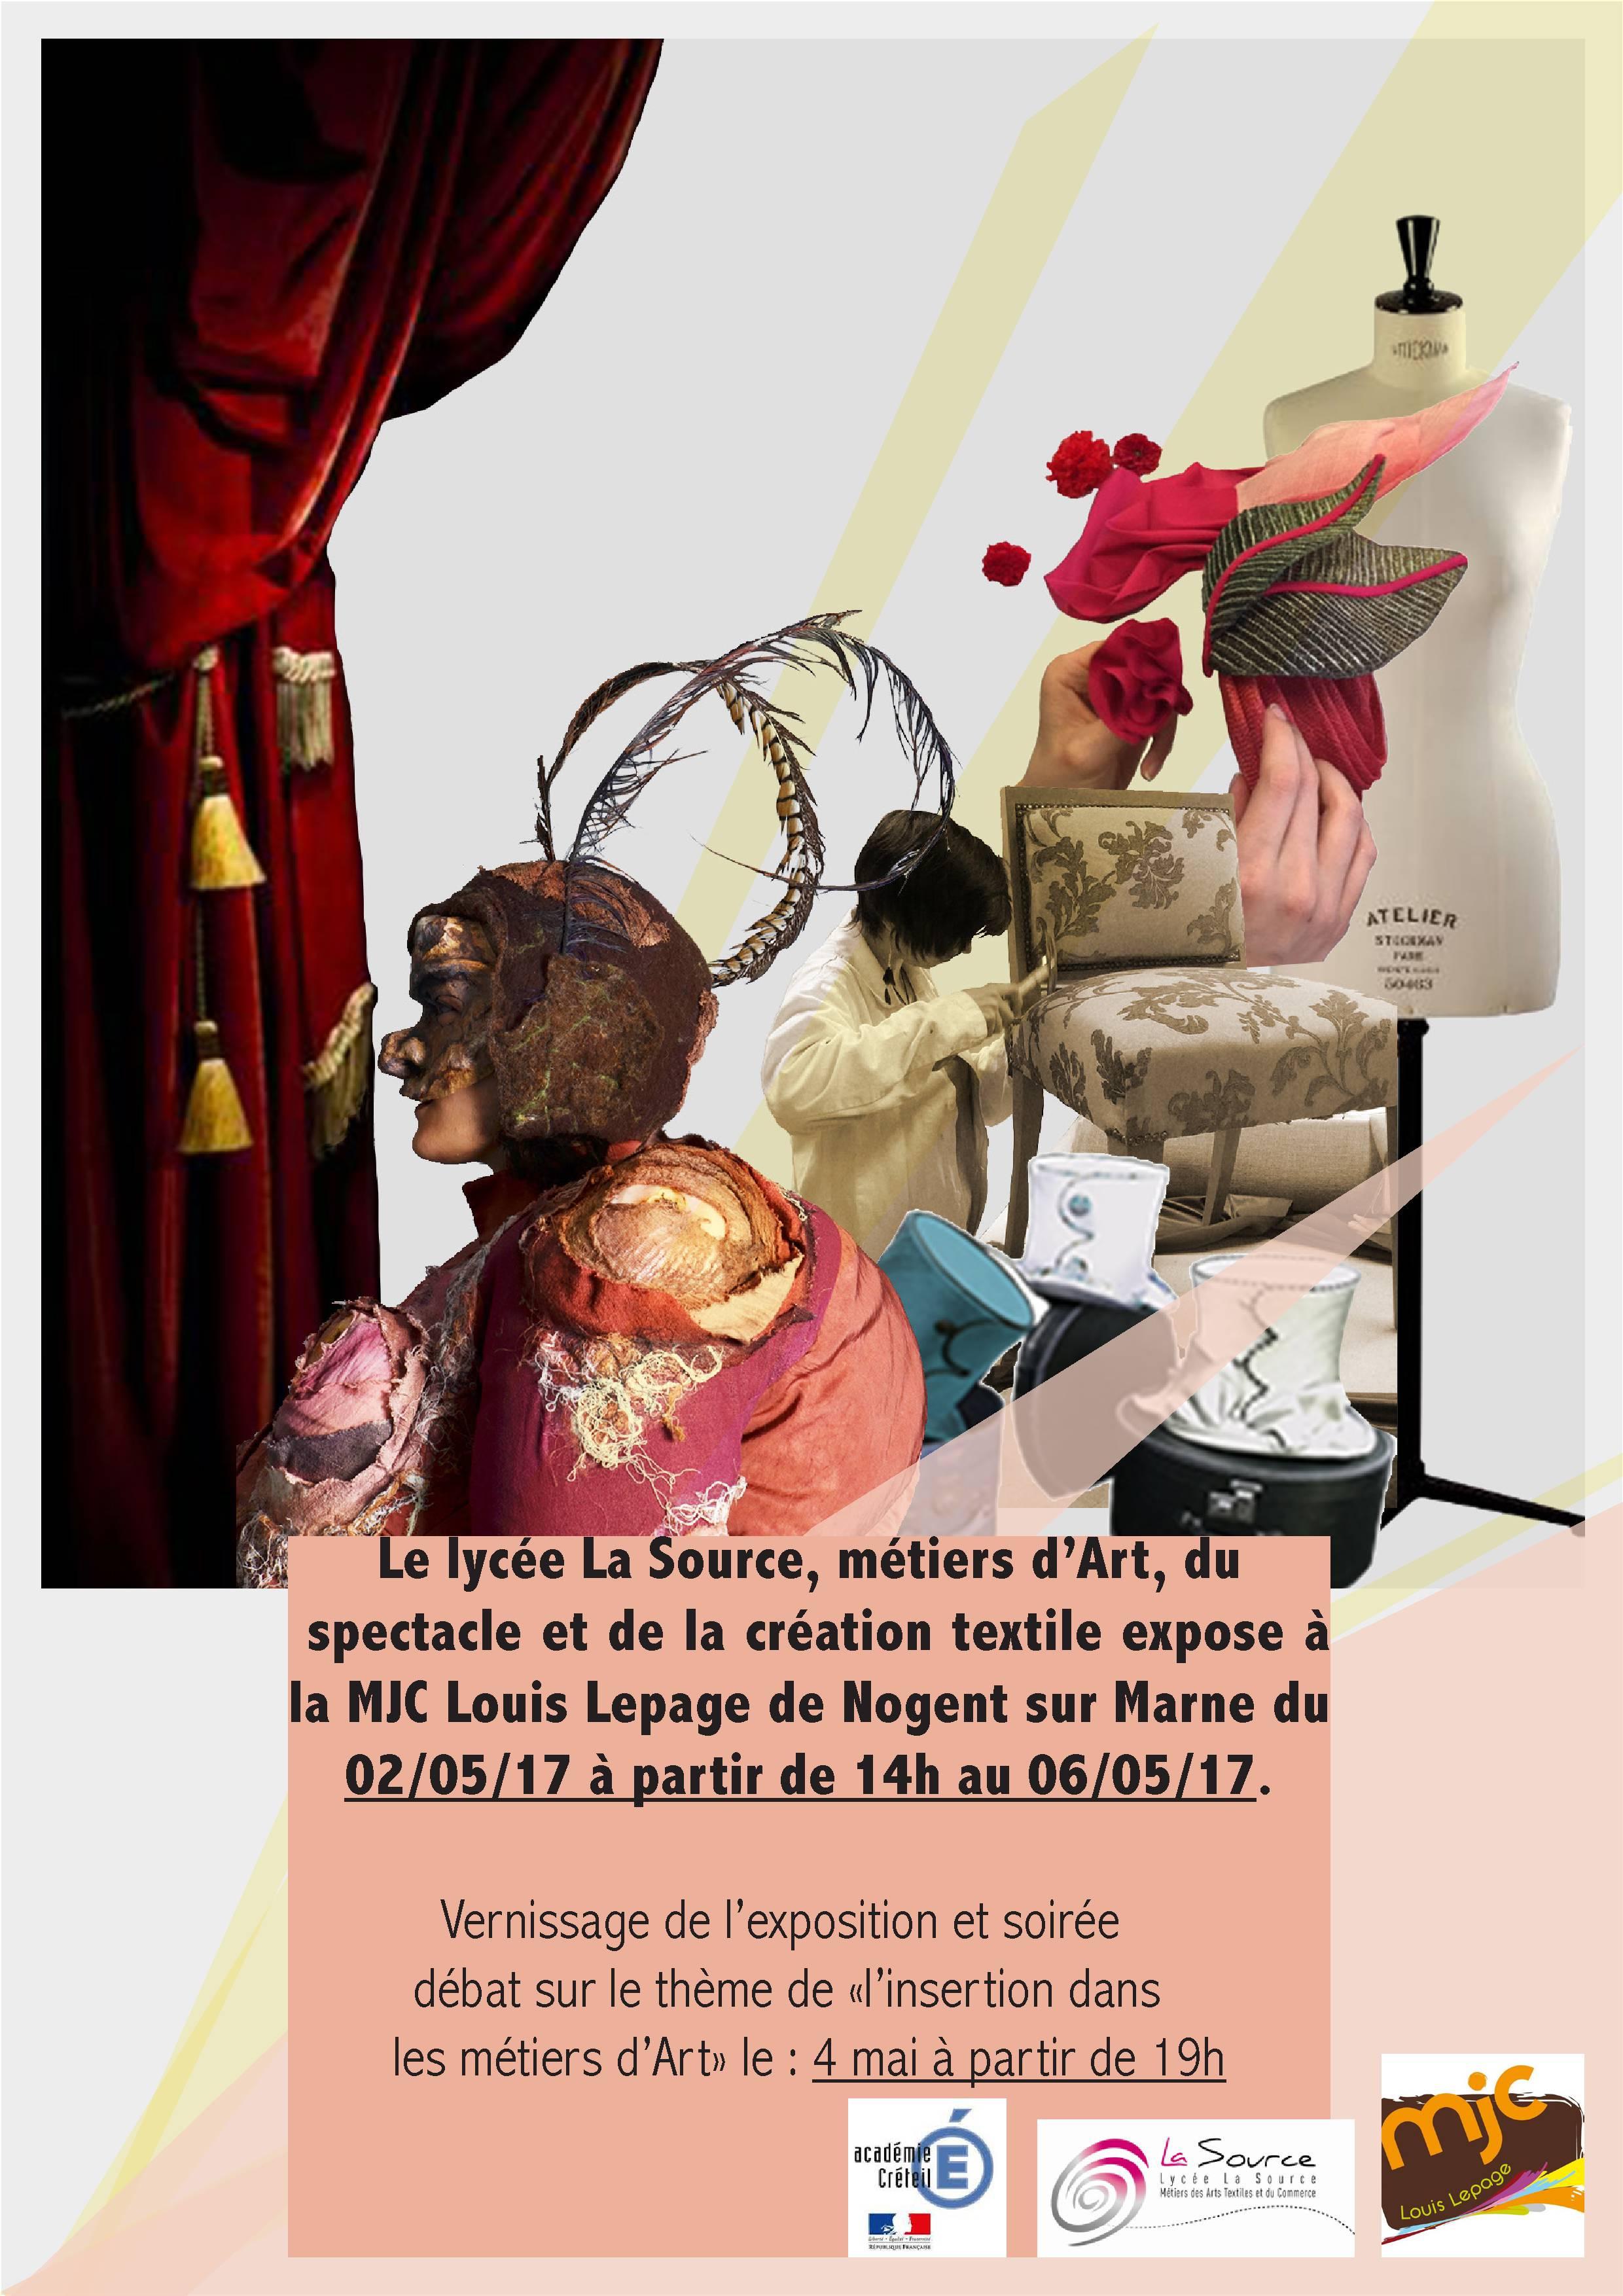 Exposition sur les métiers d'art à la MJC de Nogent sur Marne - Lycée La source